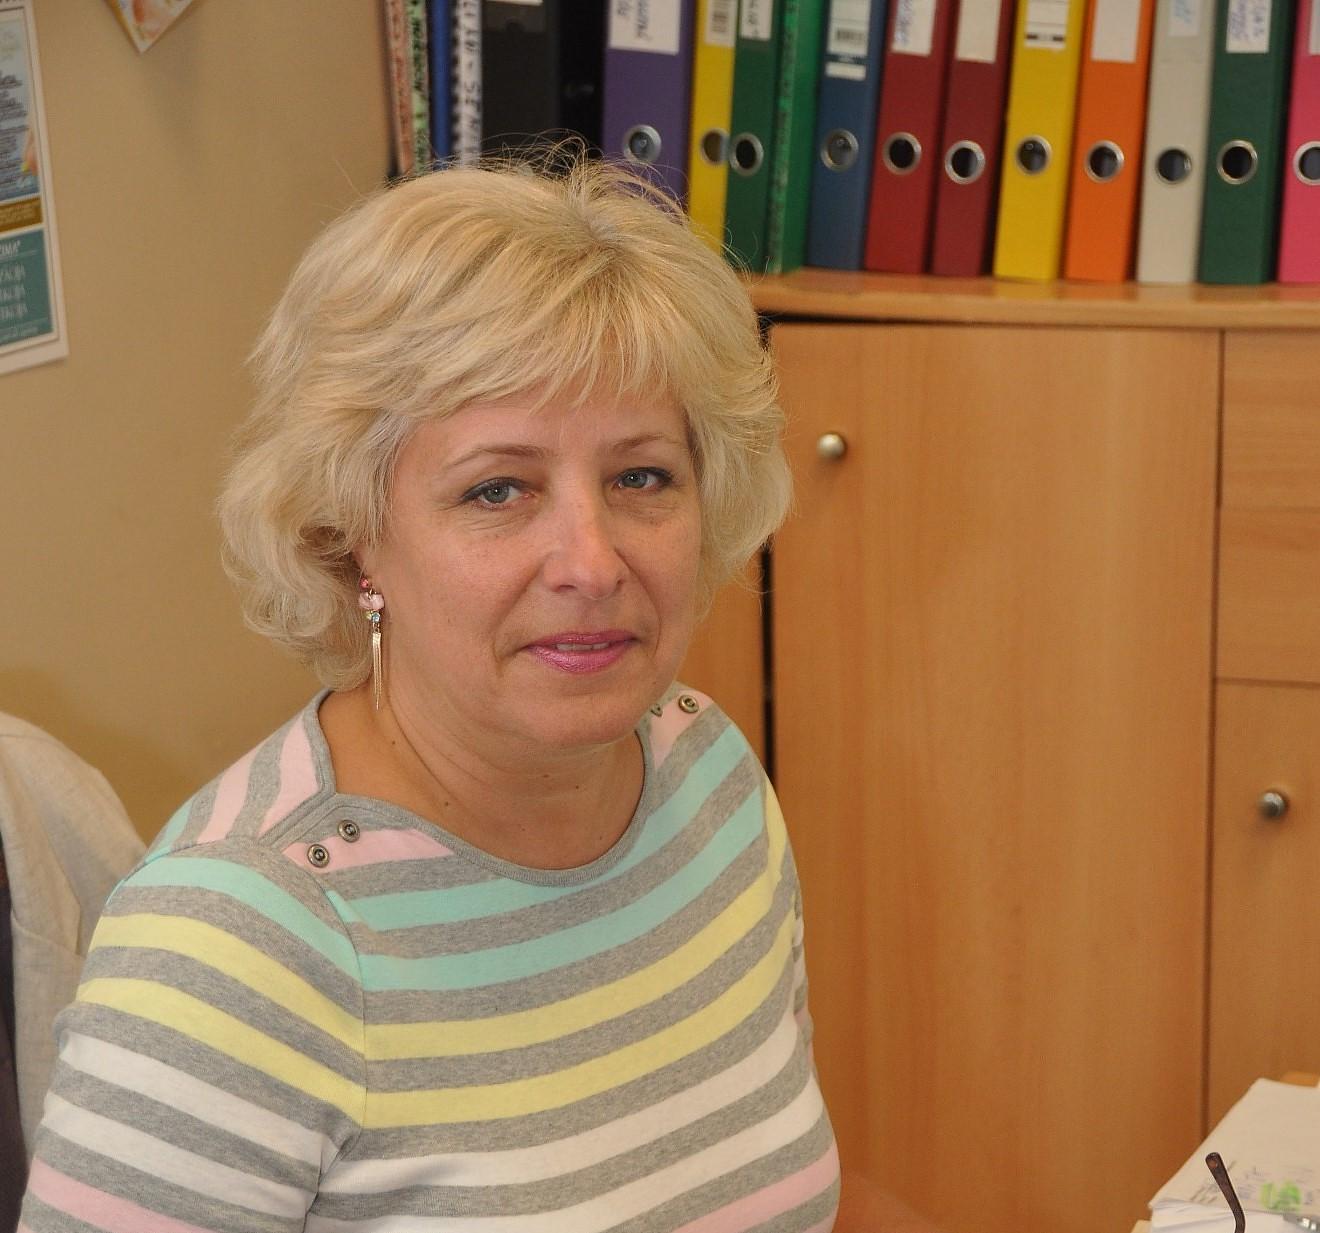 Vija Udarska: Ir bijušas vecāku sūdzības par ēdienu kvalitāti, bet ne par tīrību